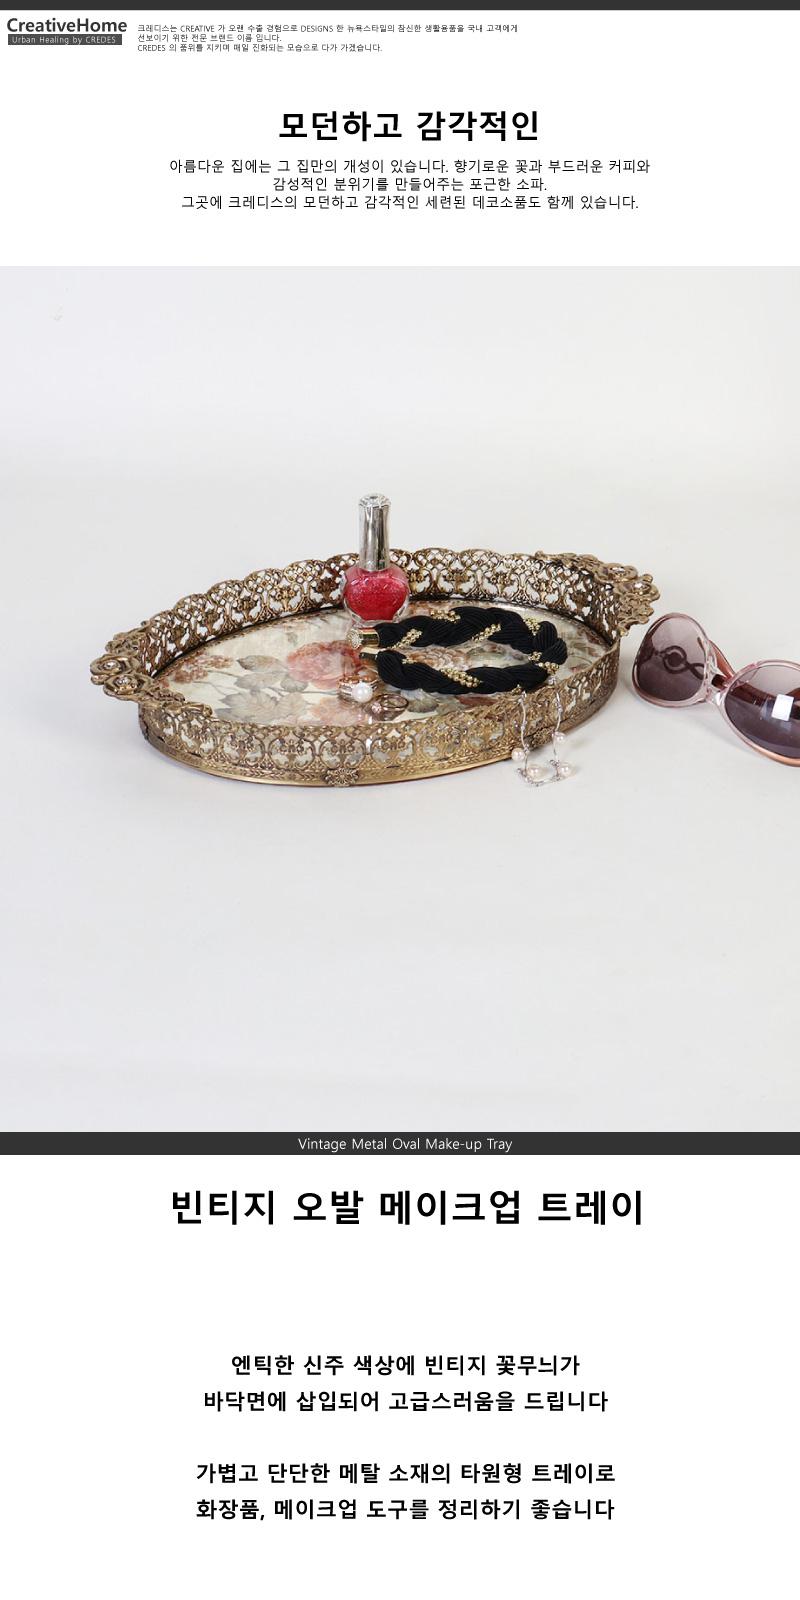 엔틱메탈 빈티지 장미 타원 메이크업 트레이 미디움-4색상 - 크레디스, 28,000원, 정리함, 화장품정리함